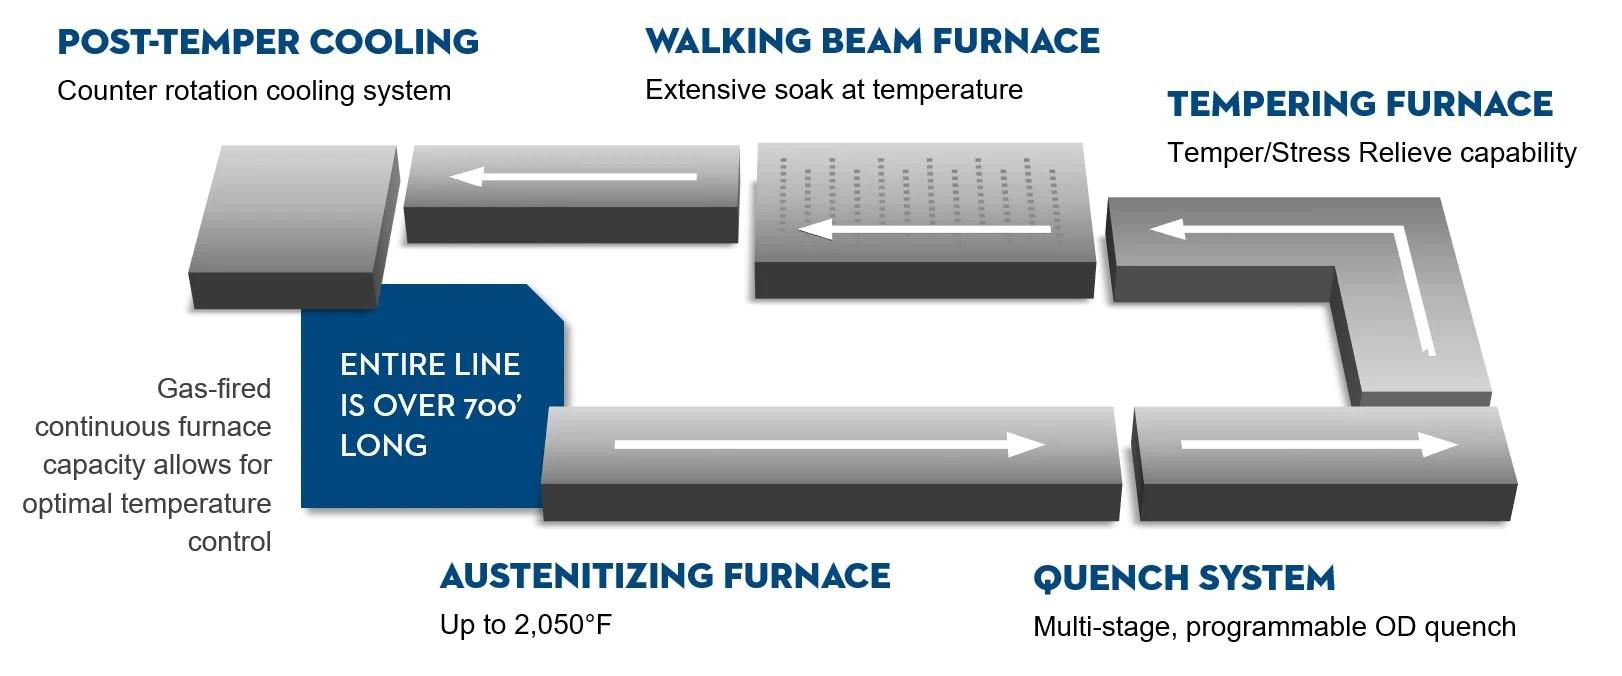 heat treat material capabilities  [ 1622 x 676 Pixel ]